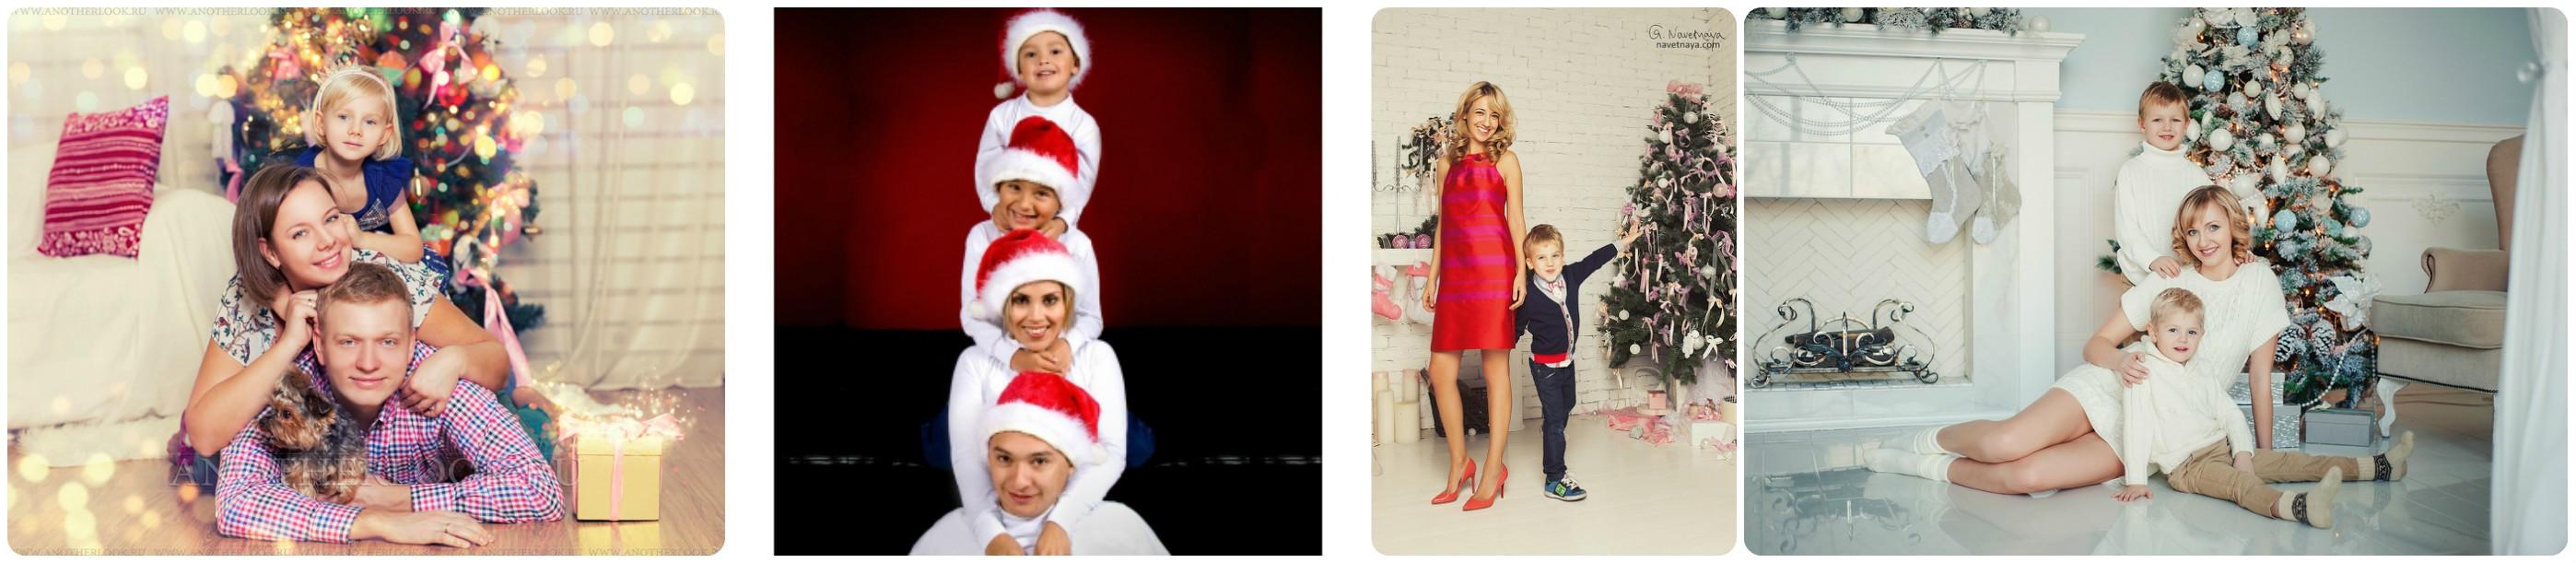 идеи новогодней семейной фотосессии